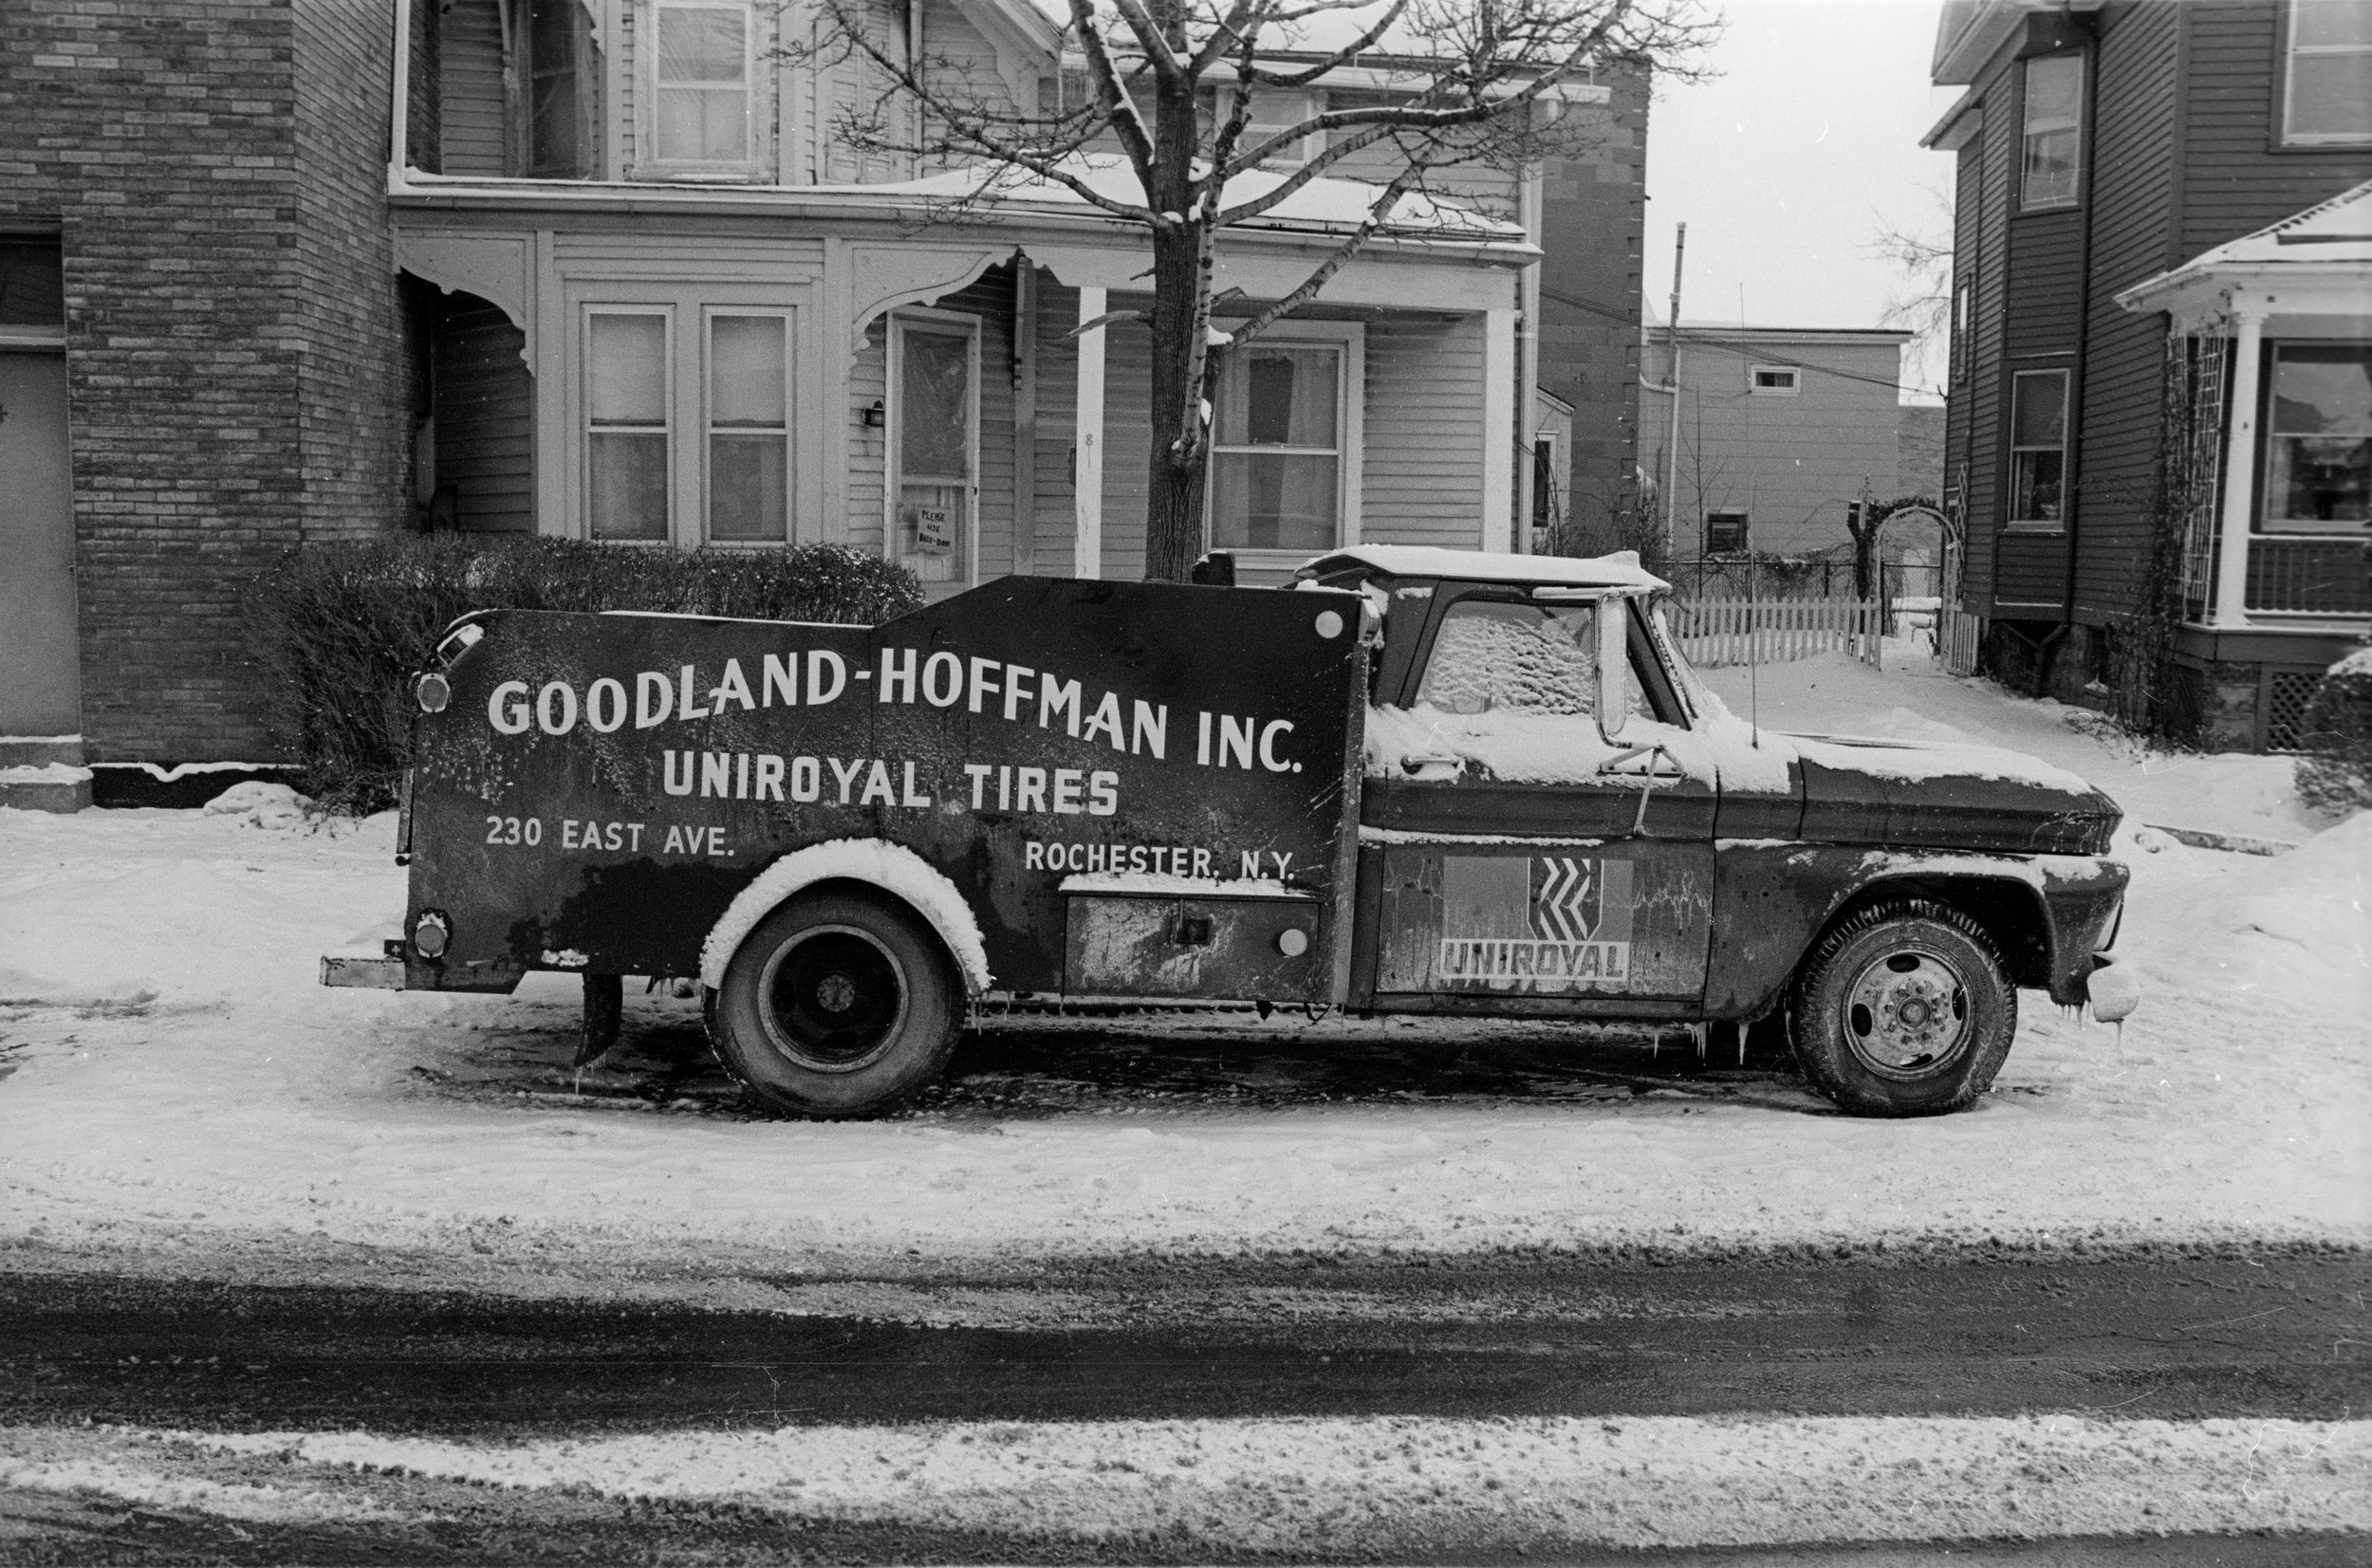 Rochester, NY, 1968